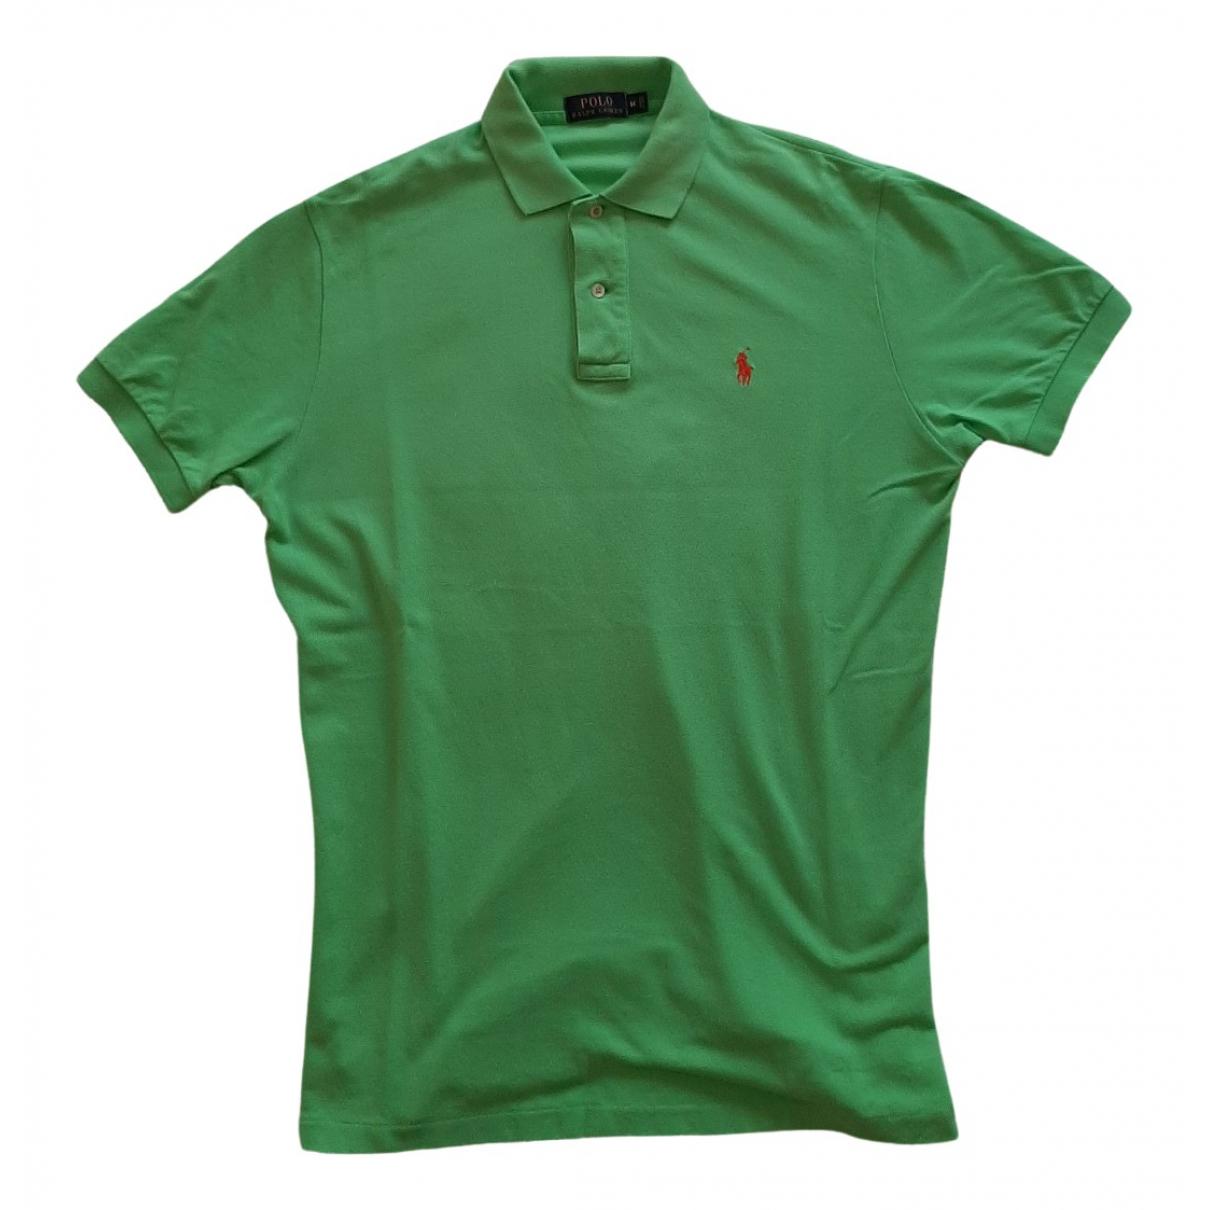 Polo Ralph Lauren - Polos Polo cintre manches courtes pour homme en coton - vert